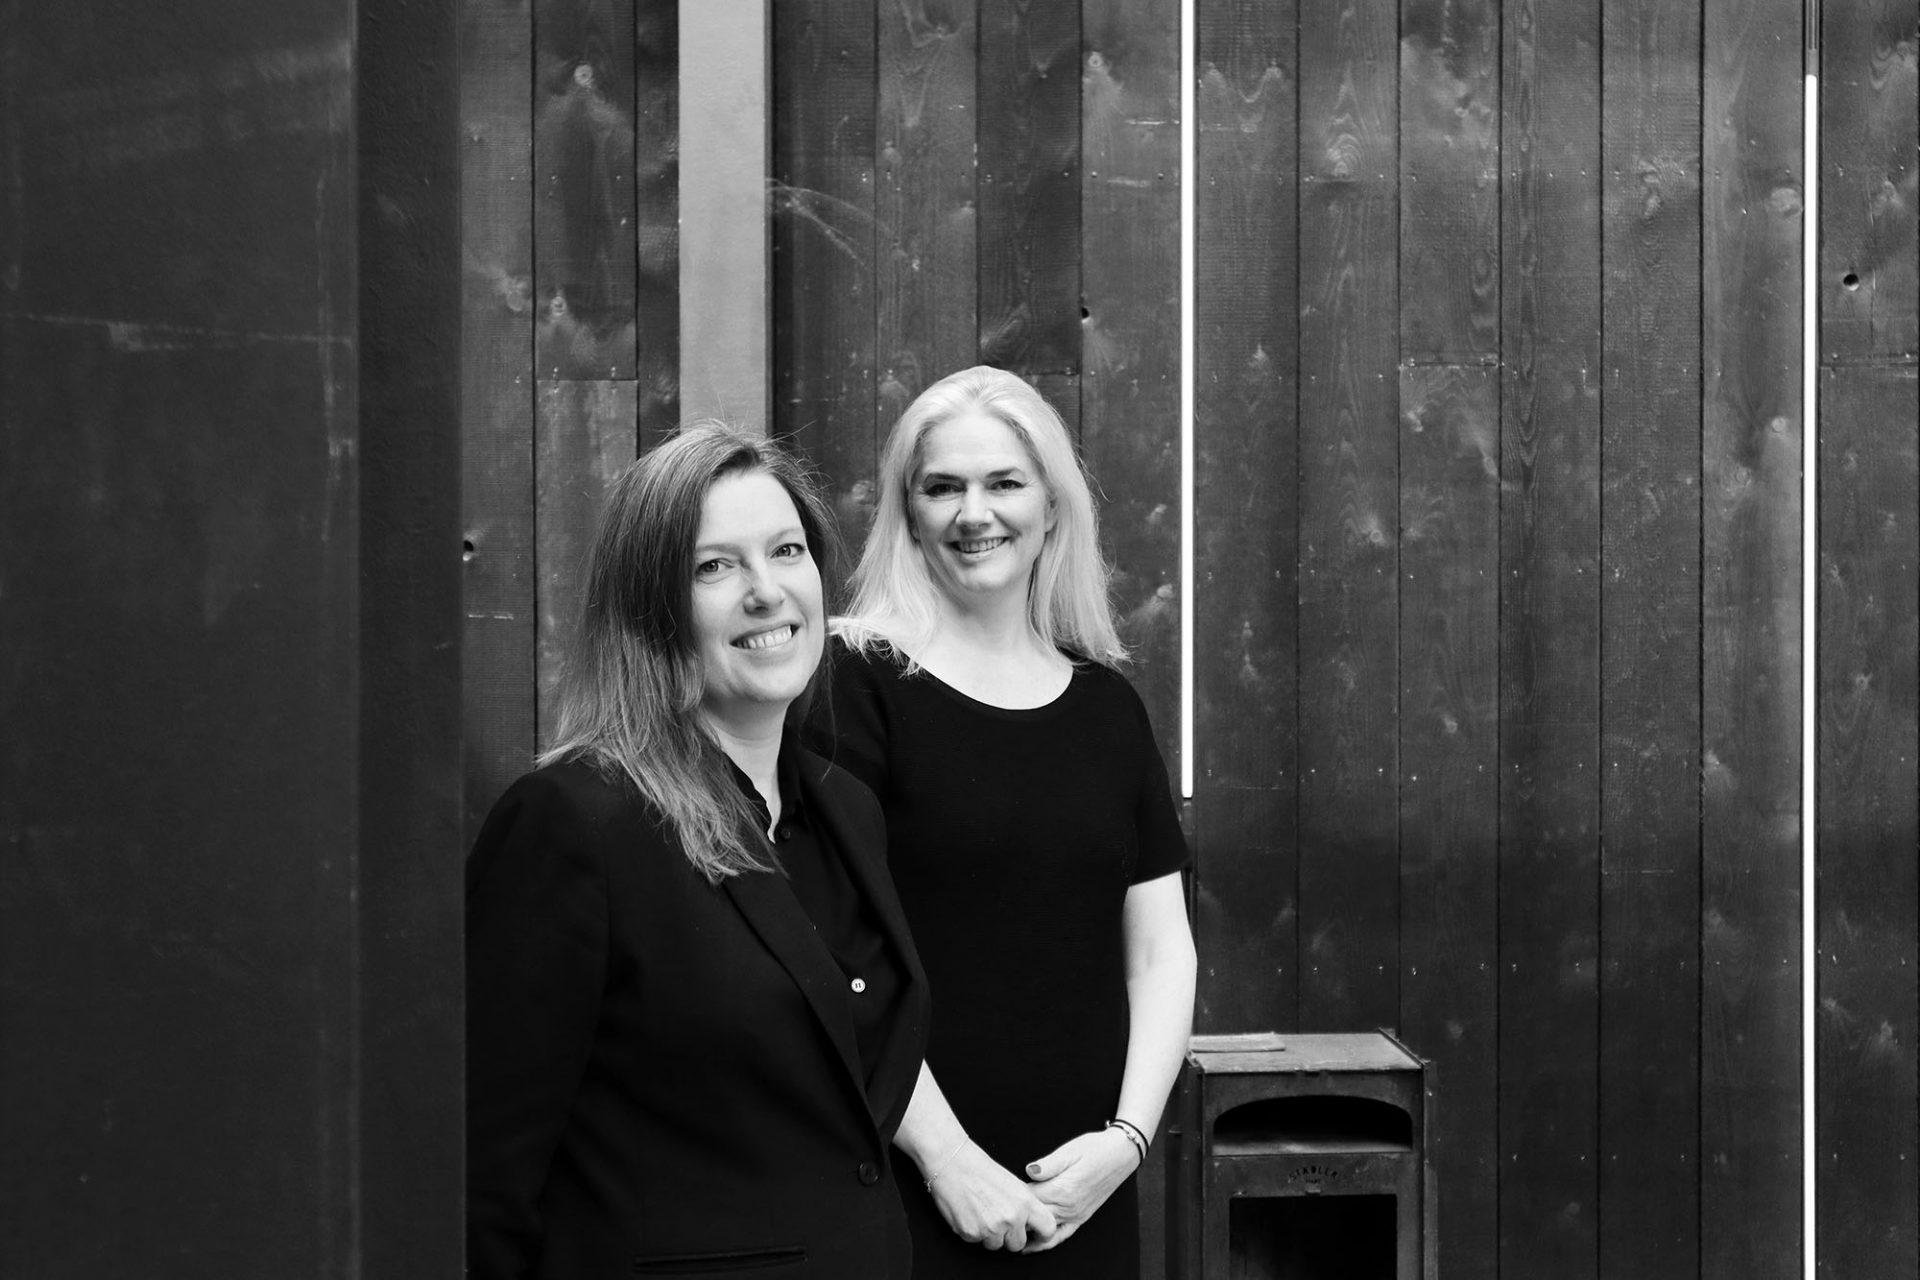 Kazerne. Die Kazerne-Mitbegründerin Annemoon Geurts (links) und ihre Mitarbeiterin Lisette van Knippenberg (re).